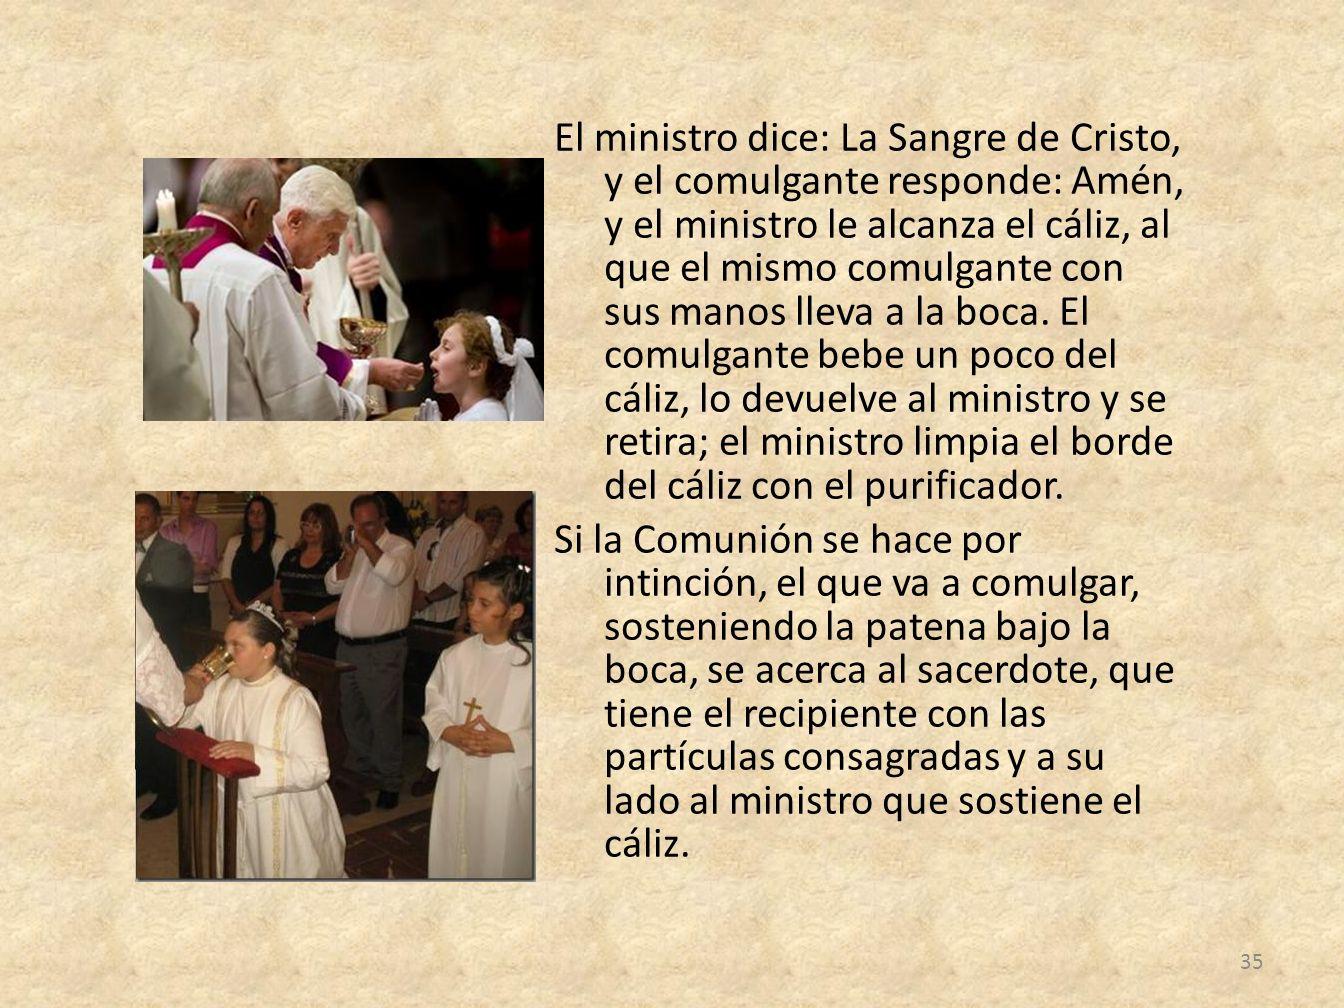 El ministro dice: La Sangre de Cristo, y el comulgante responde: Amén, y el ministro le alcanza el cáliz, al que el mismo comulgante con sus manos lleva a la boca.